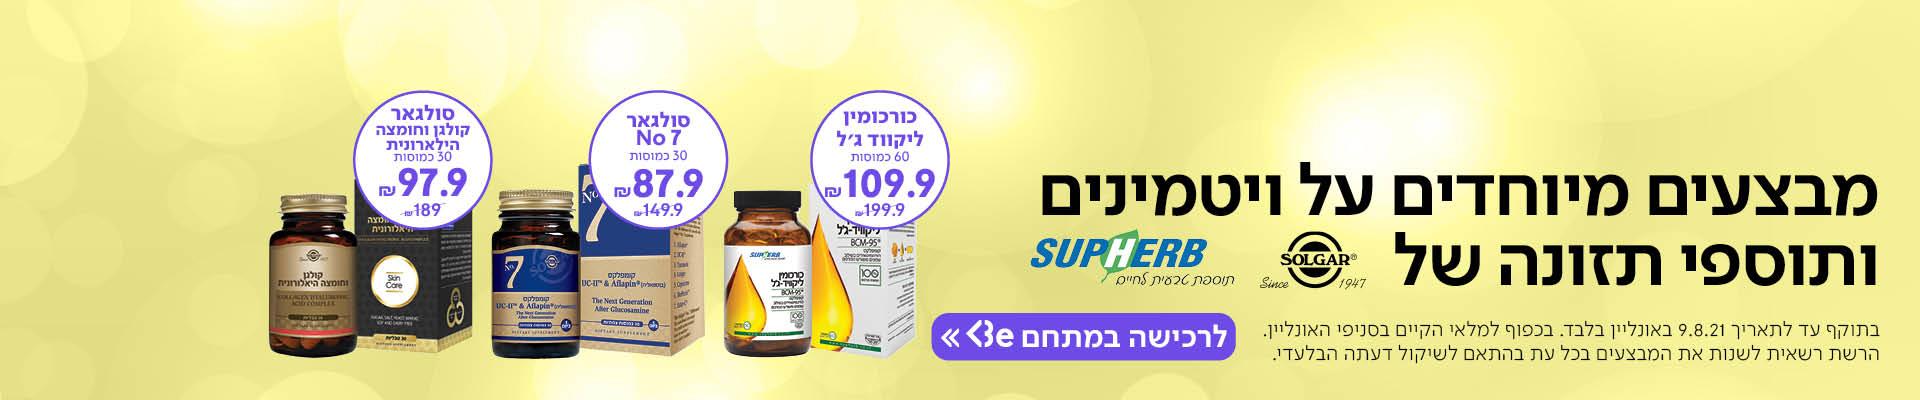 מבצעים מיוחדים על ויטמינים ותוספי תזונה של סולגאר וסופרהב . בתוקף עד 9.8.21 באונליין בלבד. בכפוף למלאי הקיים בסניפי האונליין. לרכישה >>